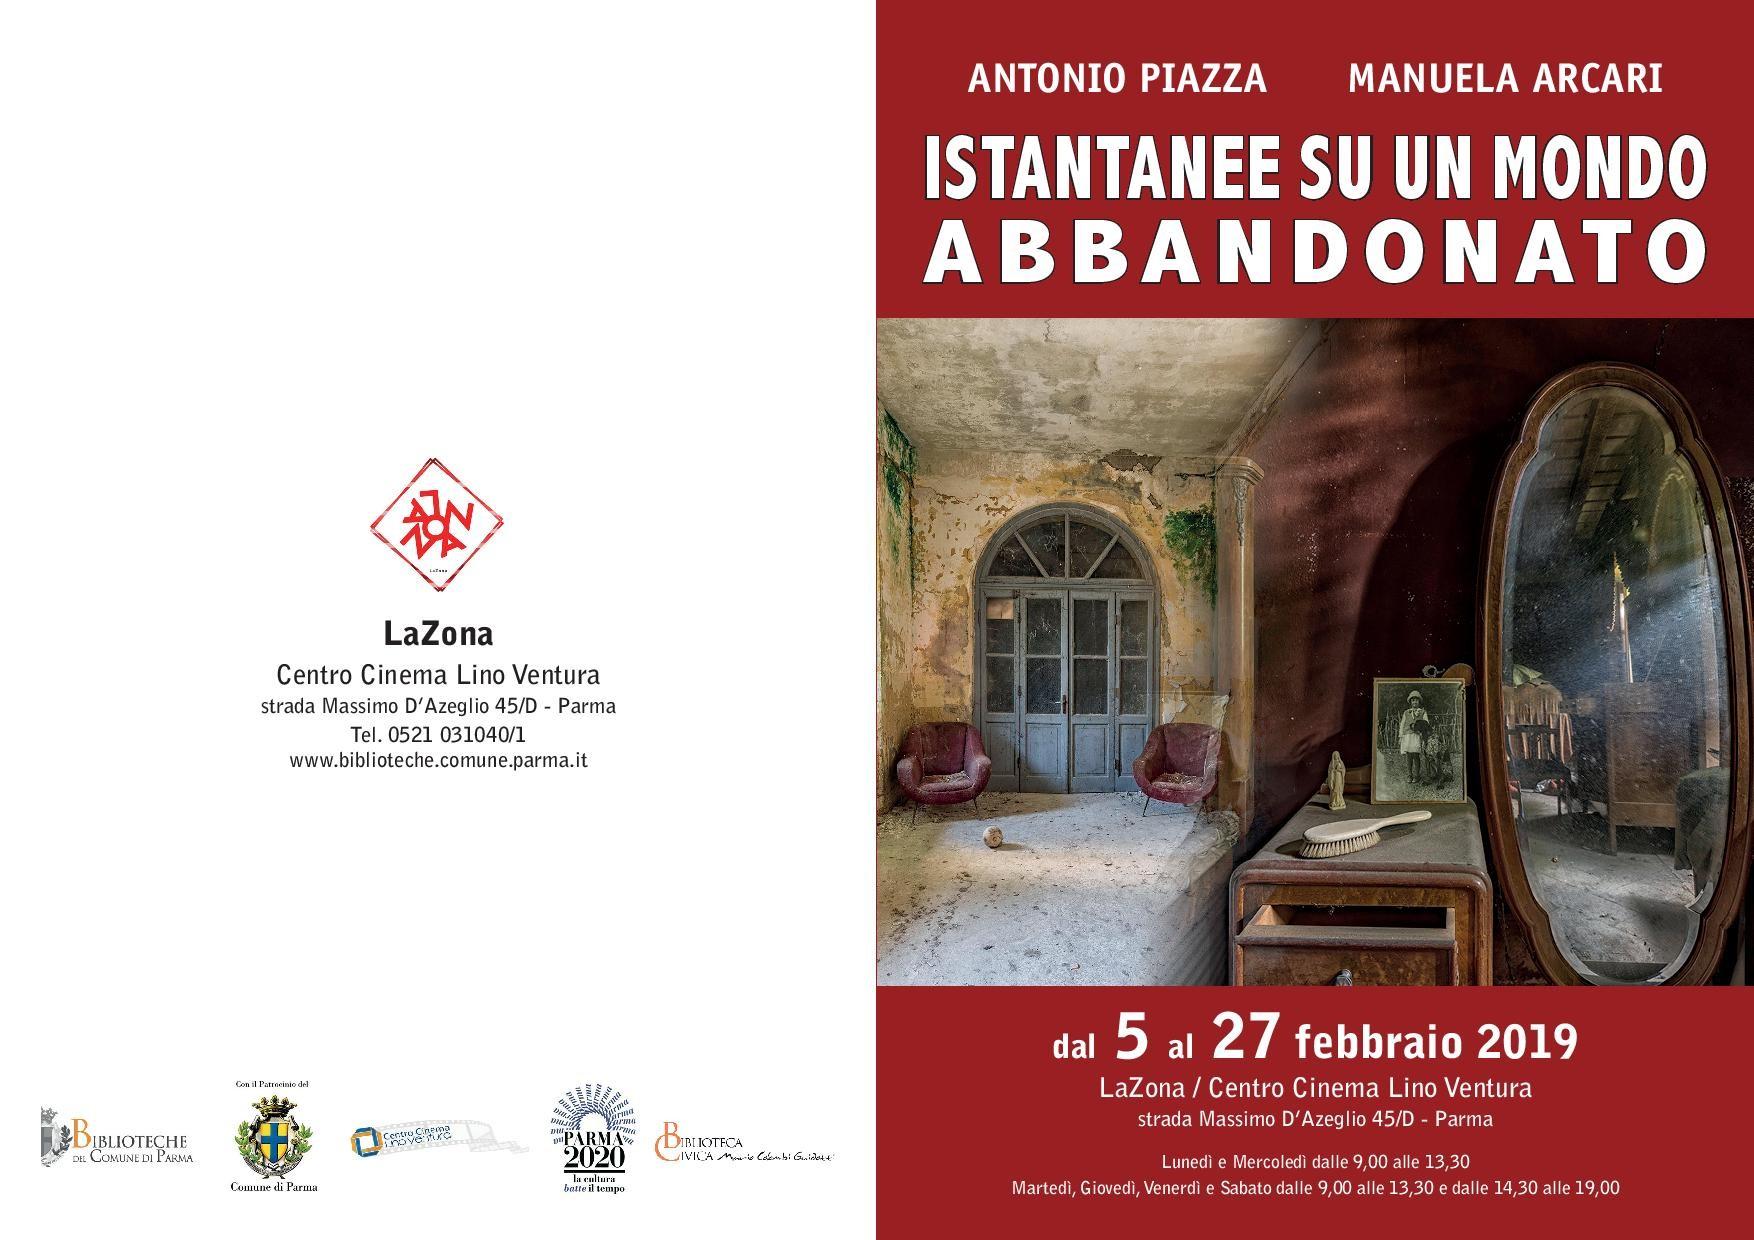 Istantanee di un mondo abbandonato, mostra di Antonio Piazza e Manuela Arcari